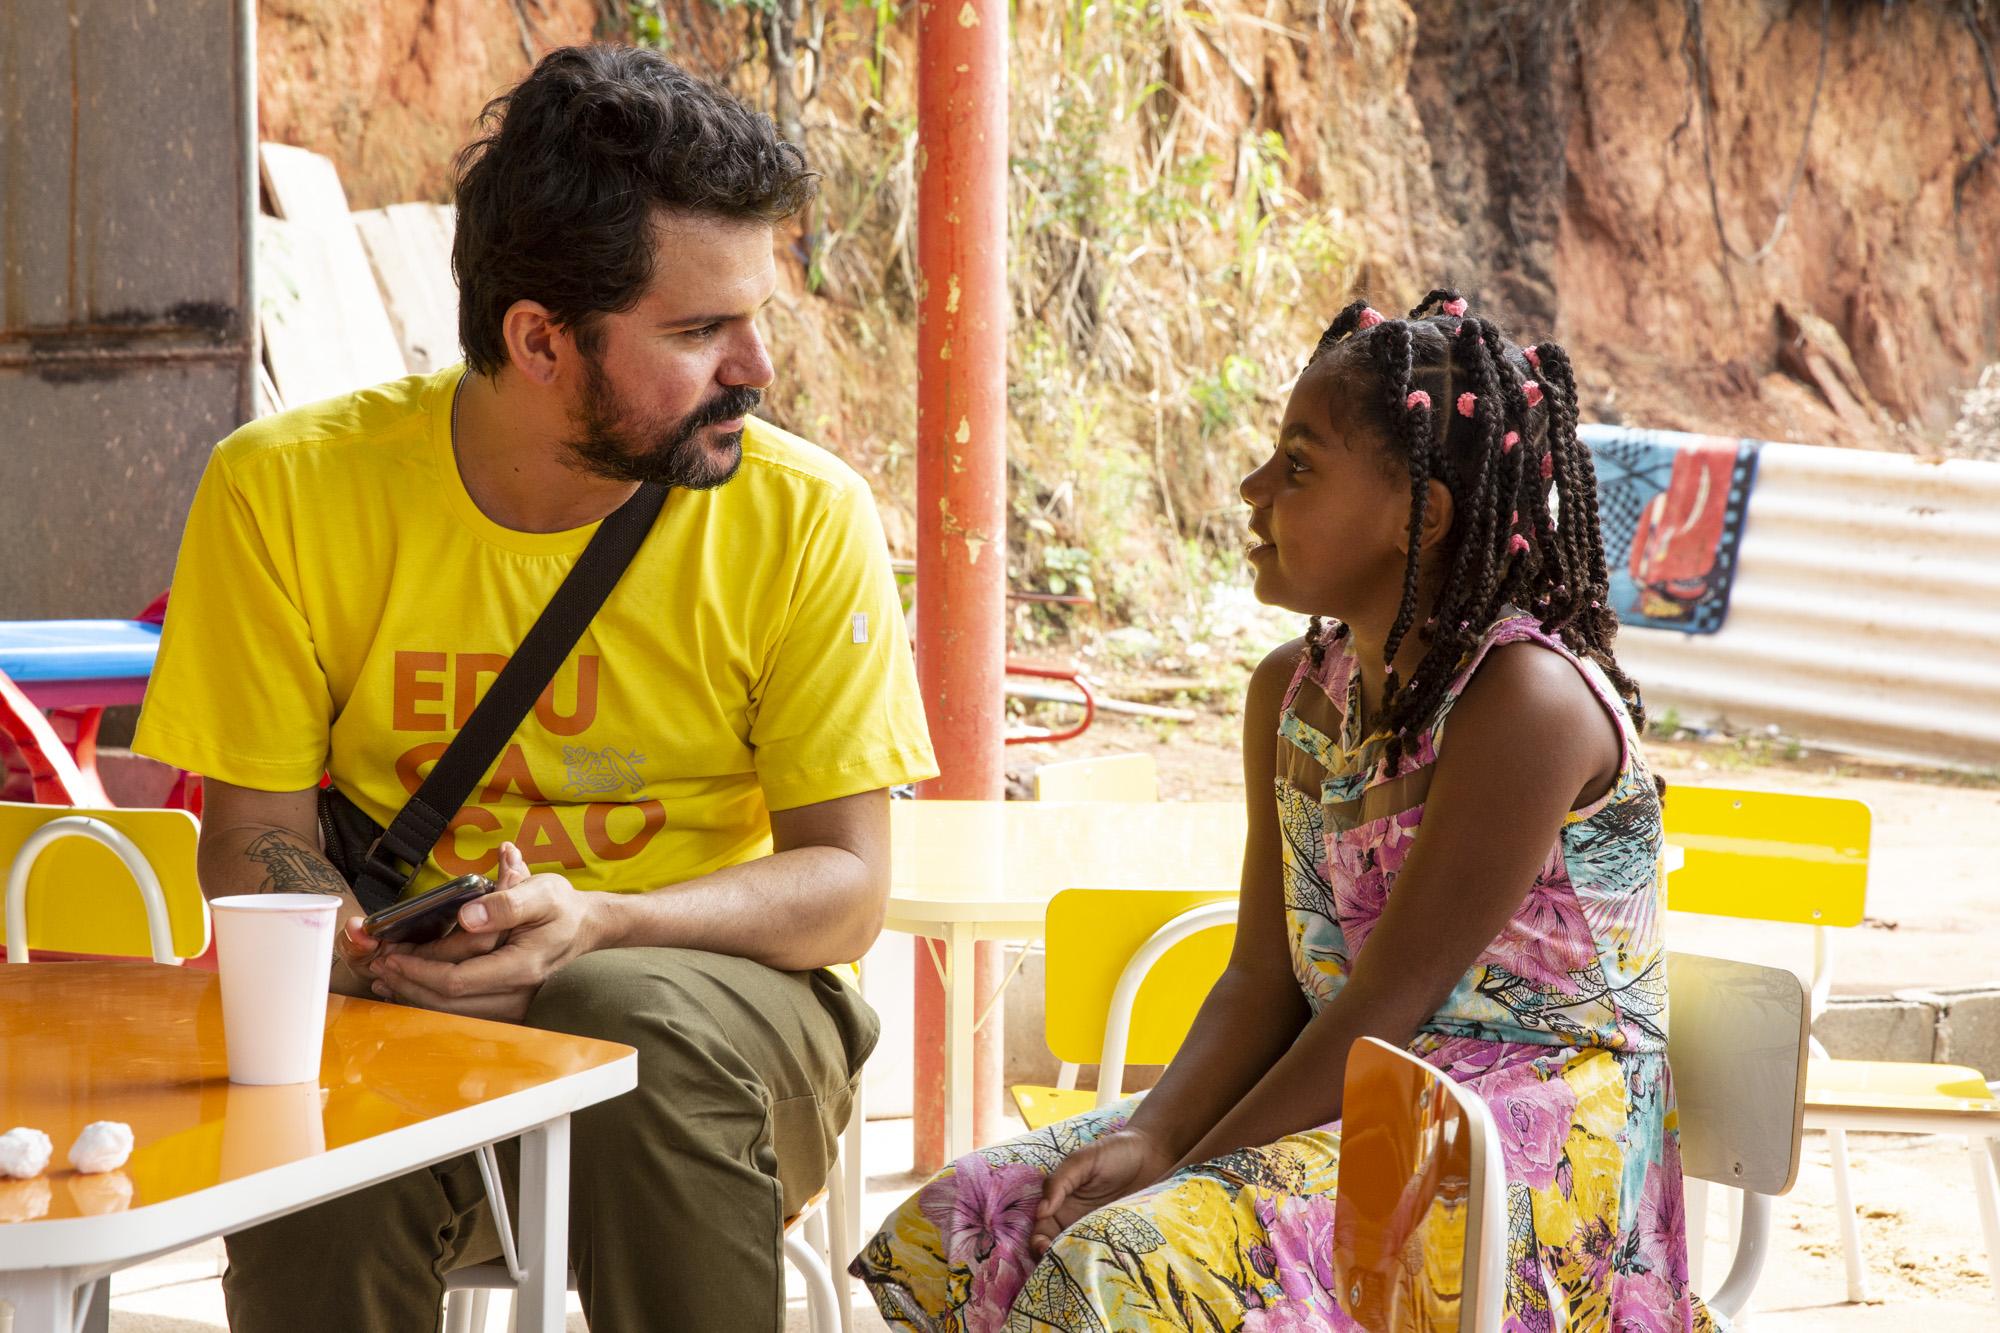 Causa da Educação, representada por Fernanda Gentil,é a grande vencedora da promoçãoGanhou, Causouda Nestlé 4